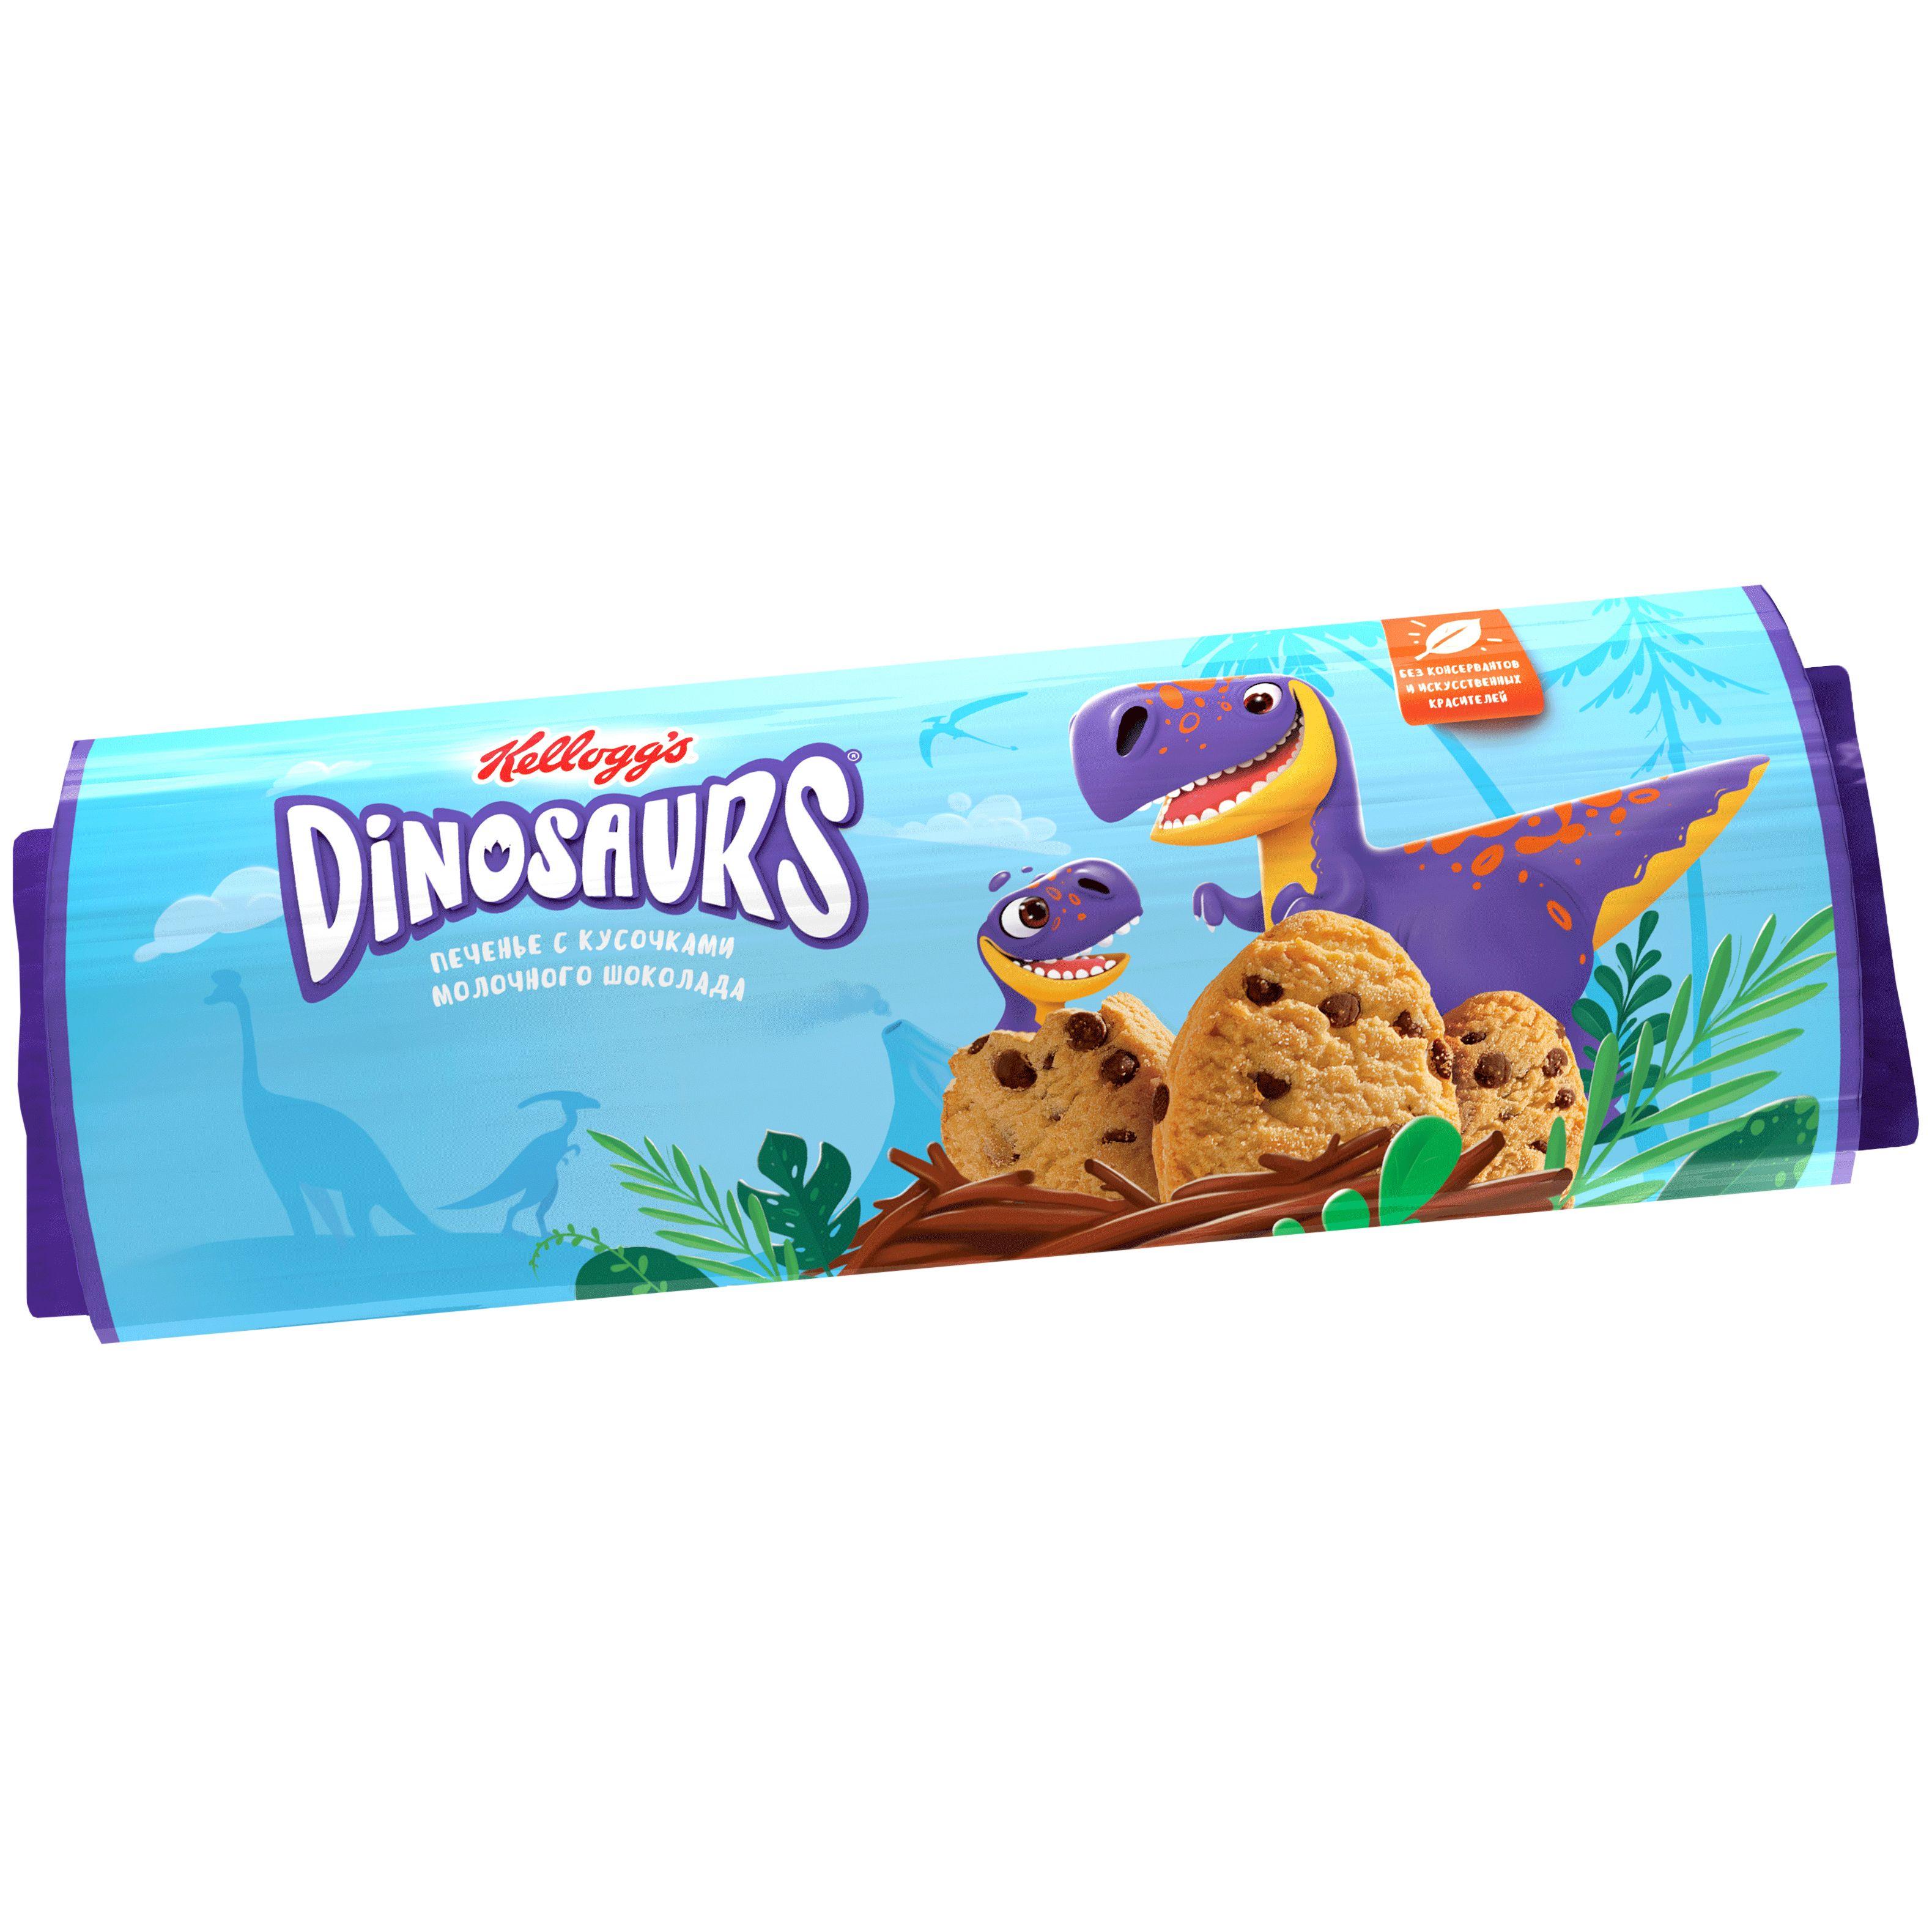 Печенье сдобное ванильное с кусочками молочного шоколада Dinosaurs 180г ТМ Kellogg's